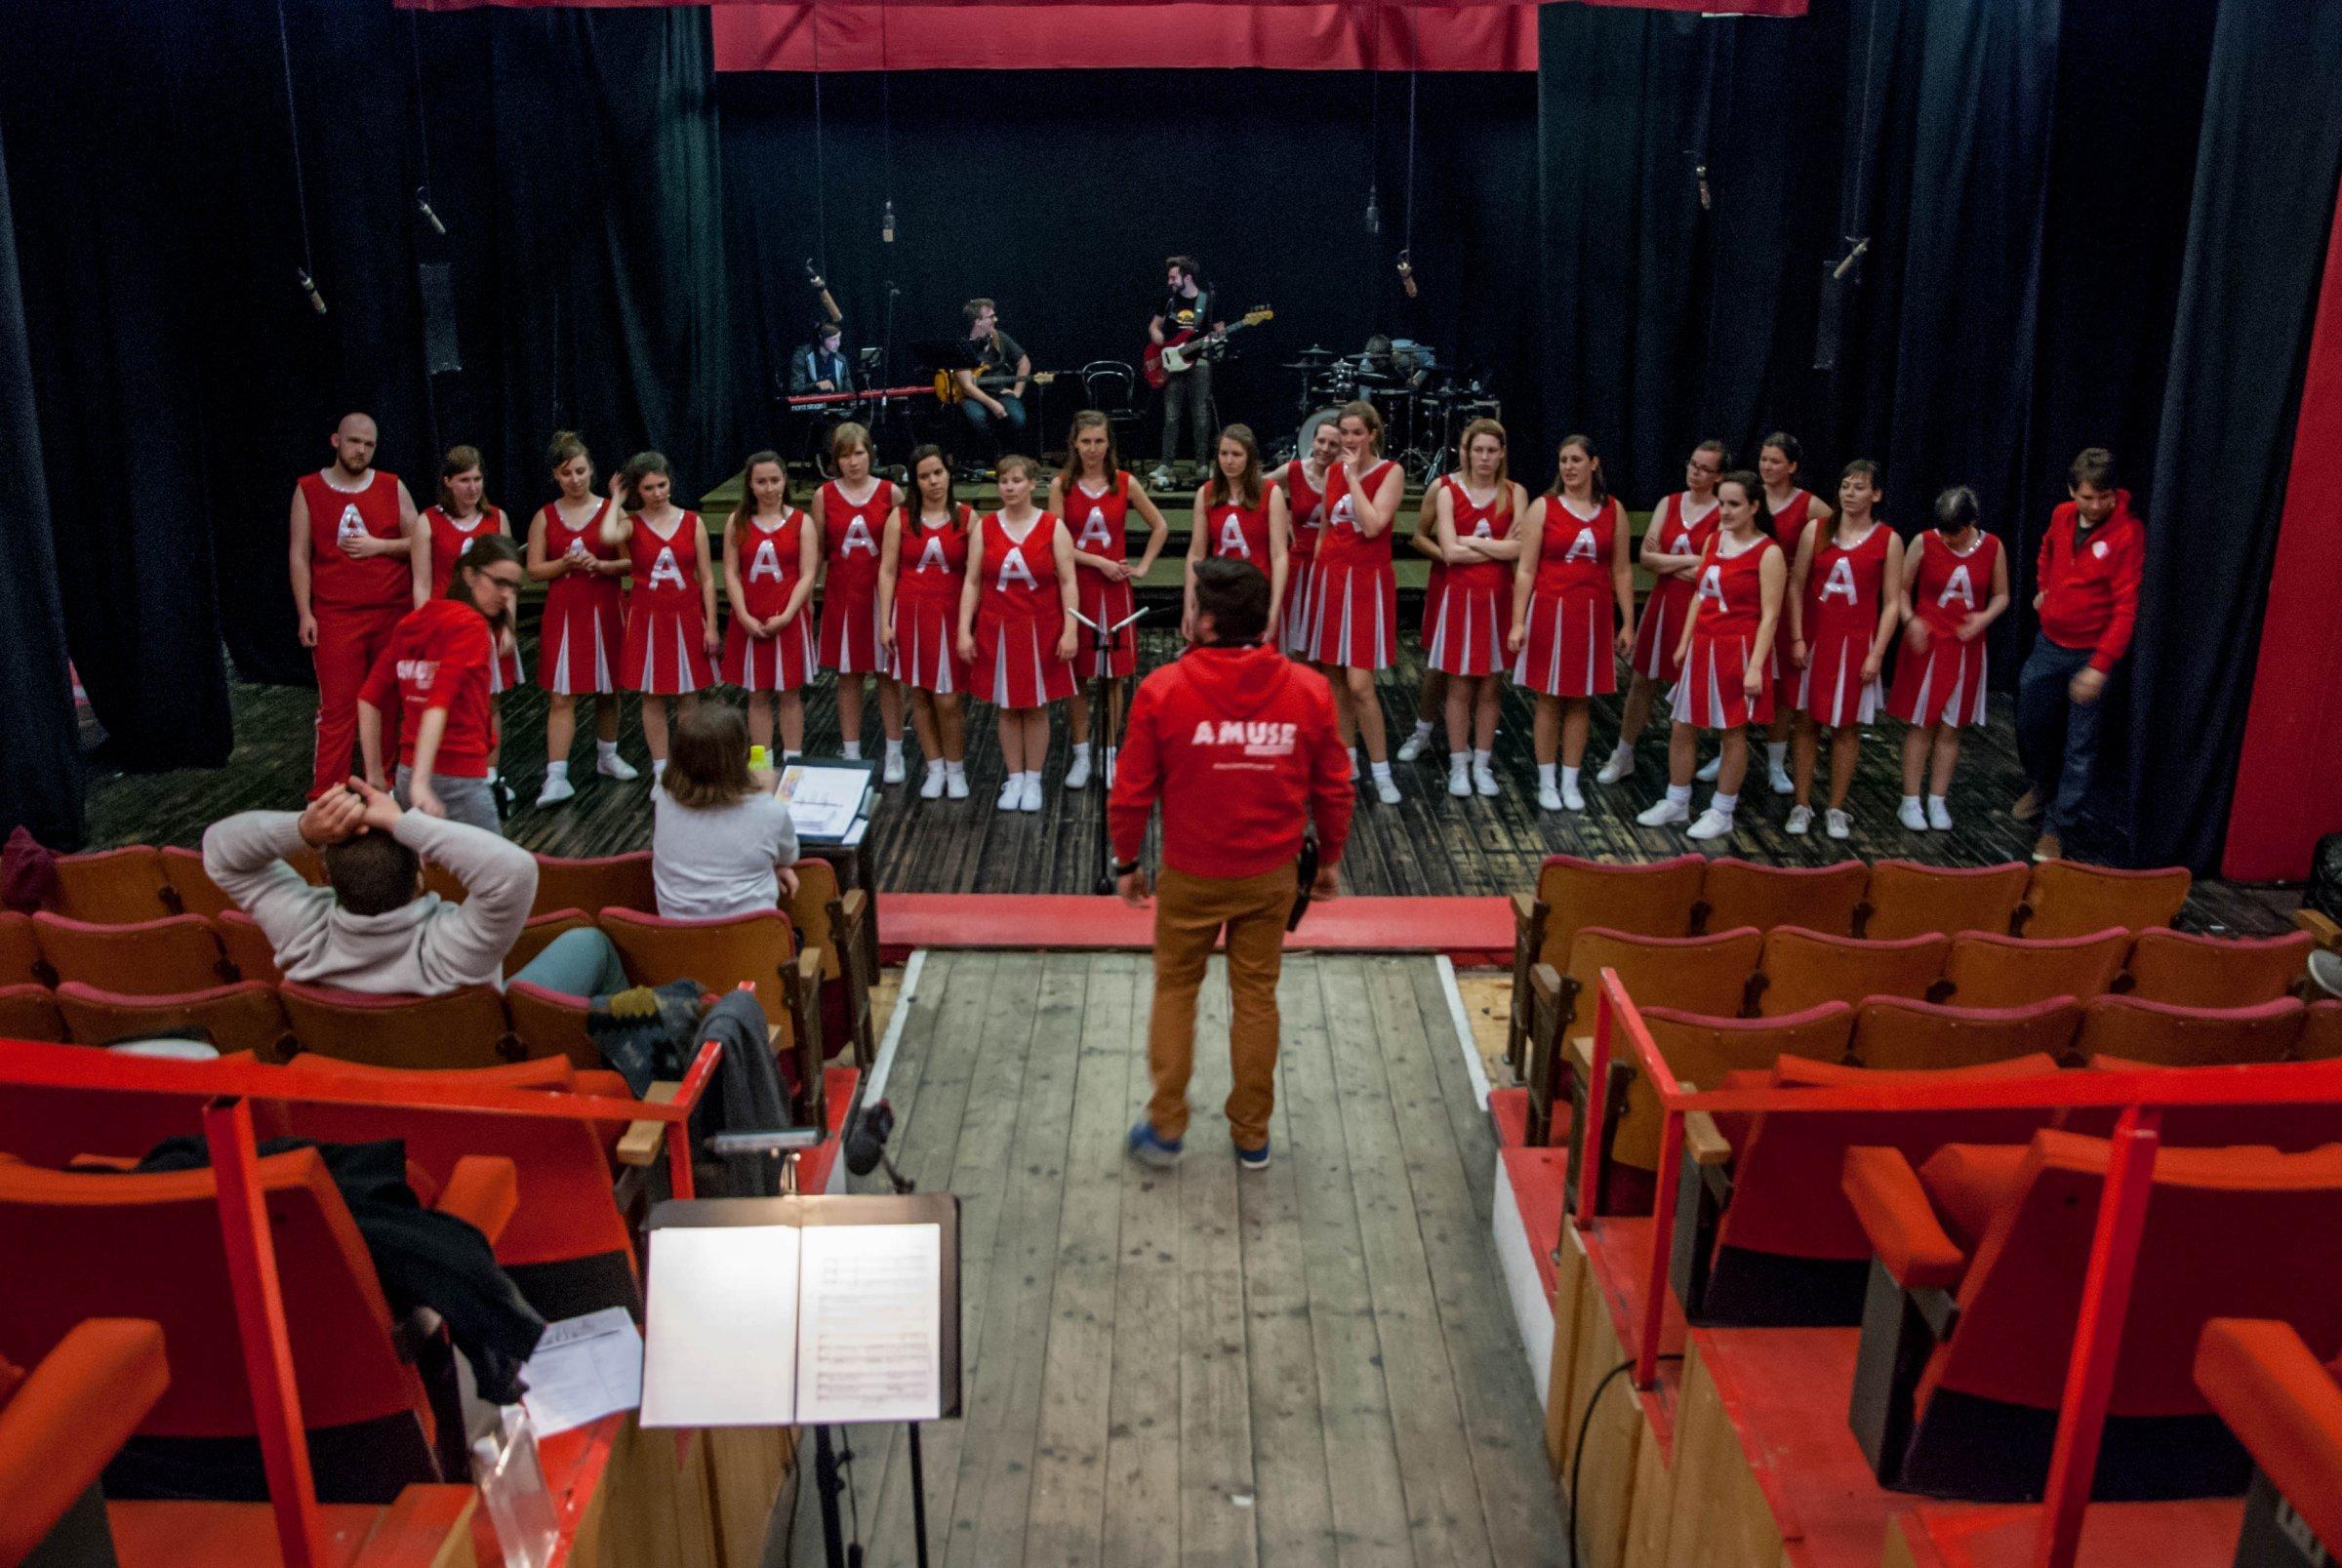 Repetitie Amuse Showkoor © Bart de Smet